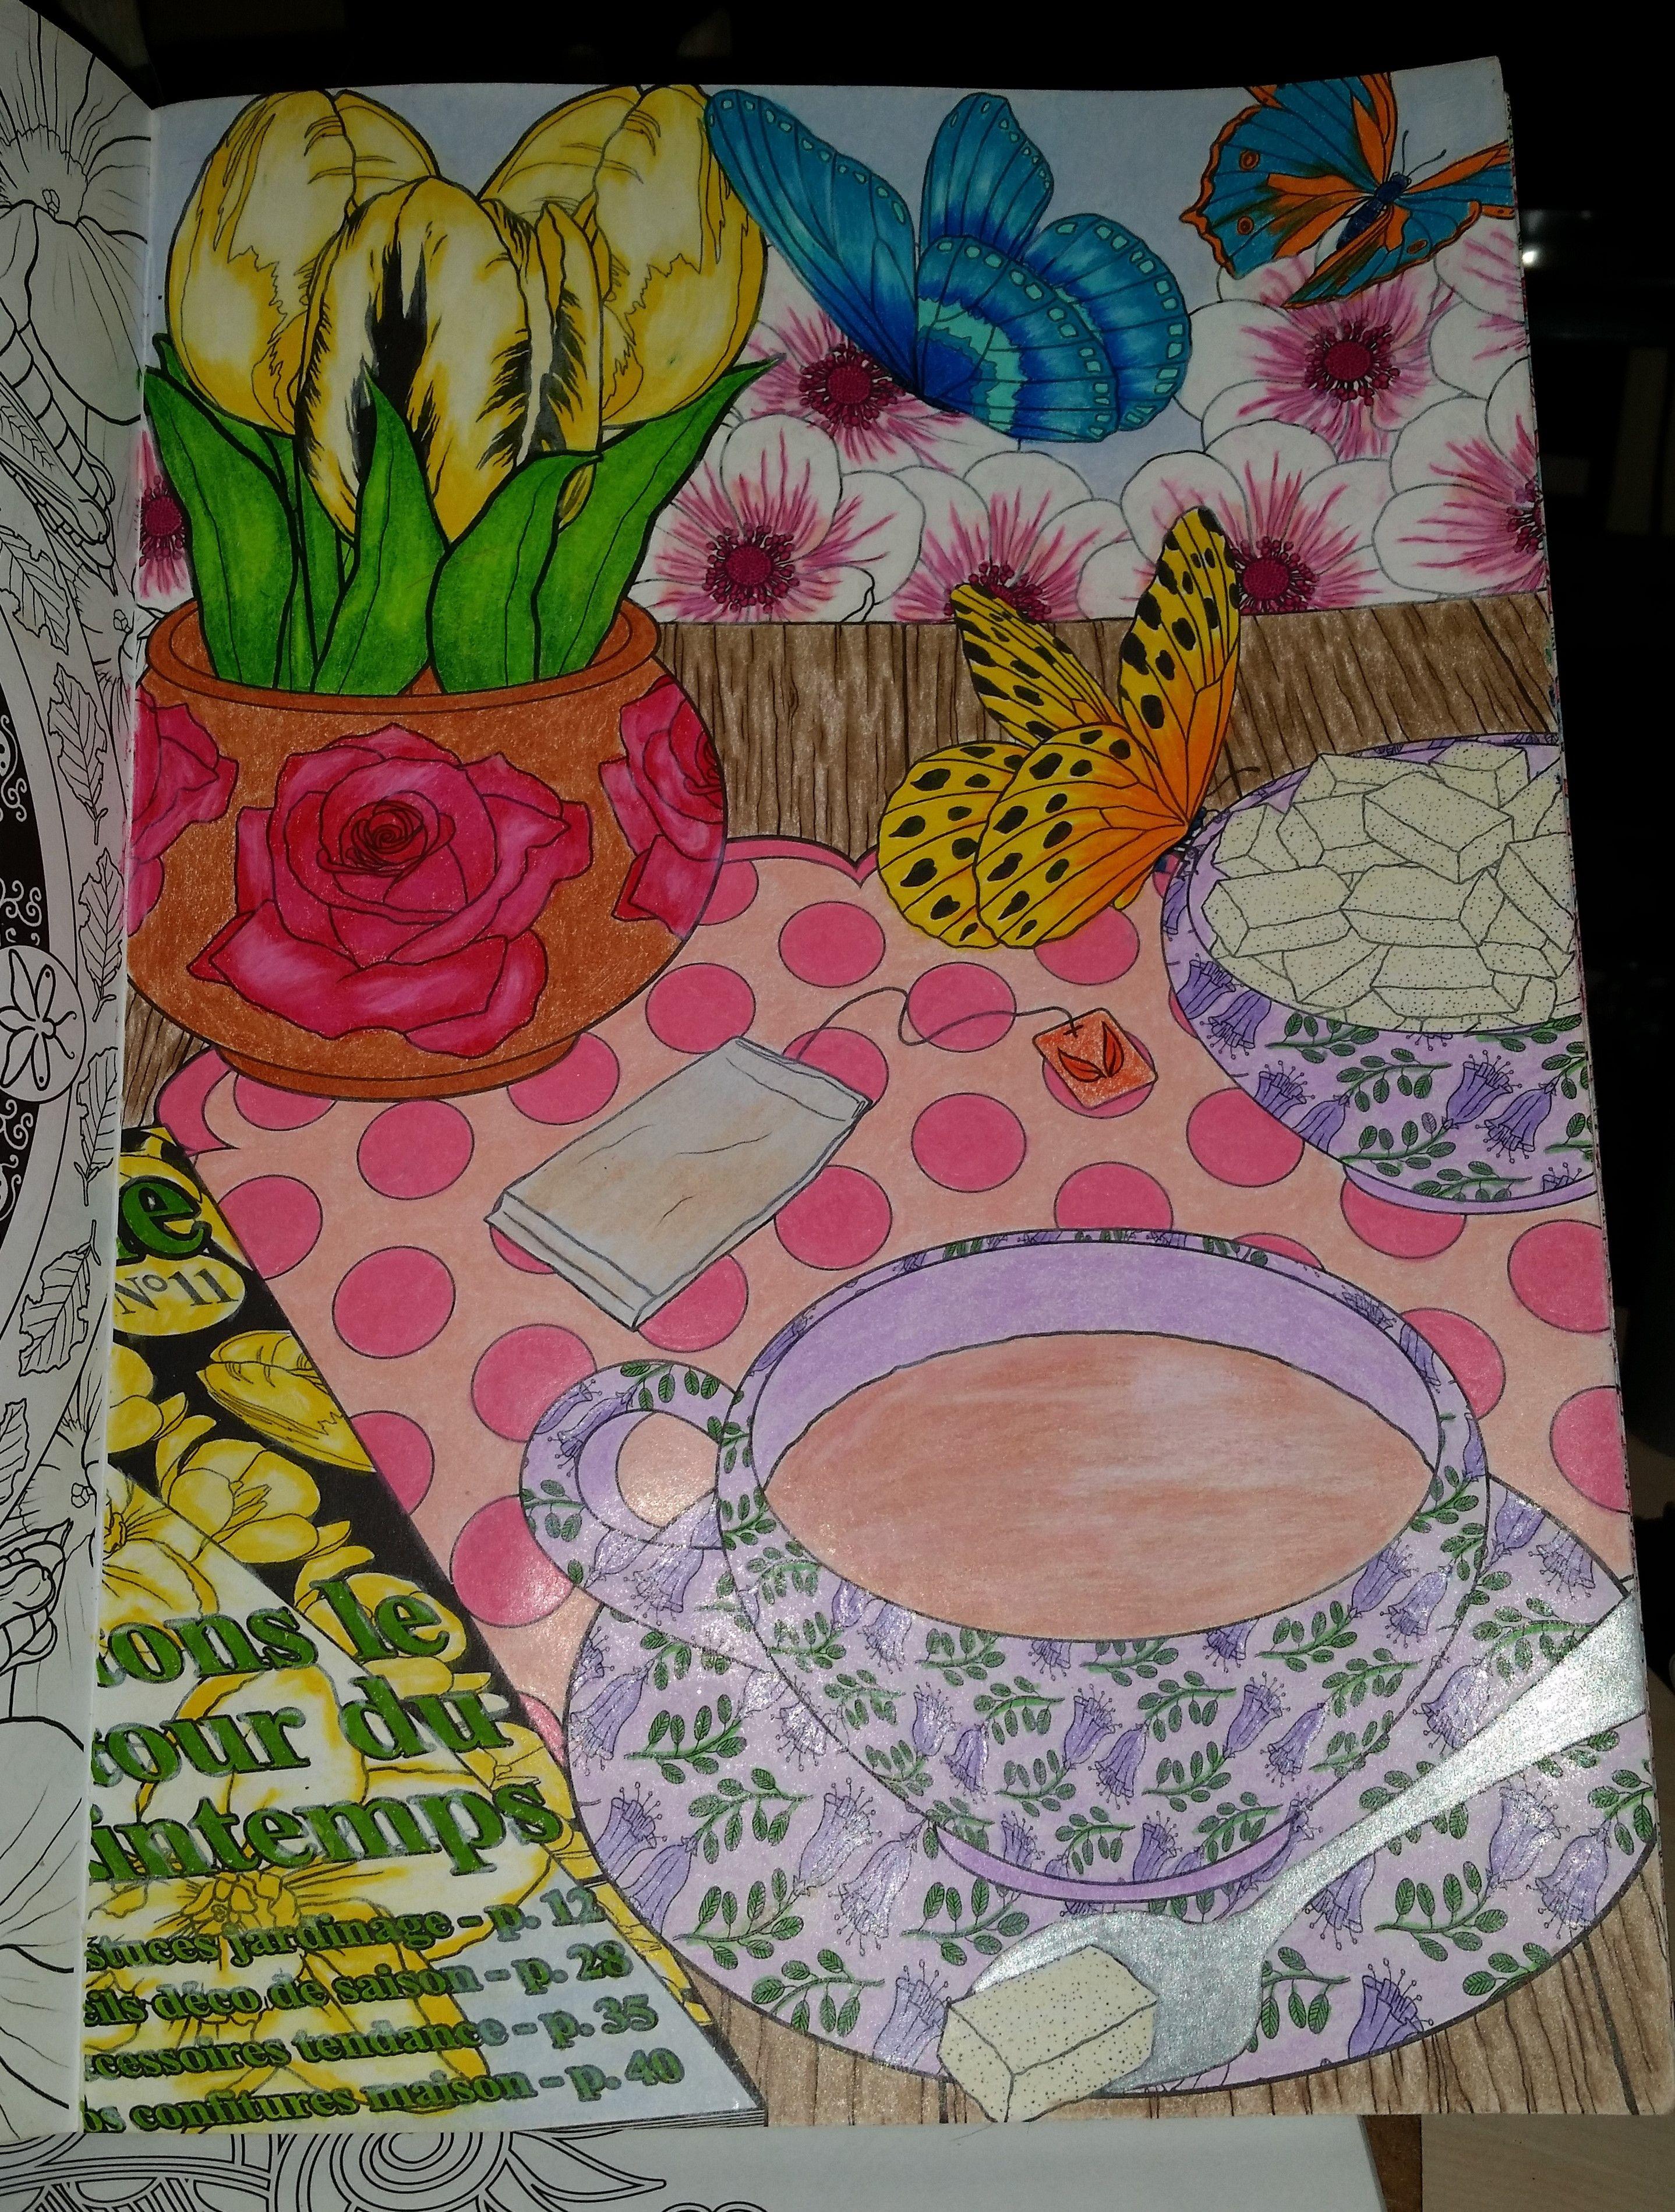 du livre printemps 100 coloriages anti stress de hachette art thrapie - Coloriage Anti Stress Hachette